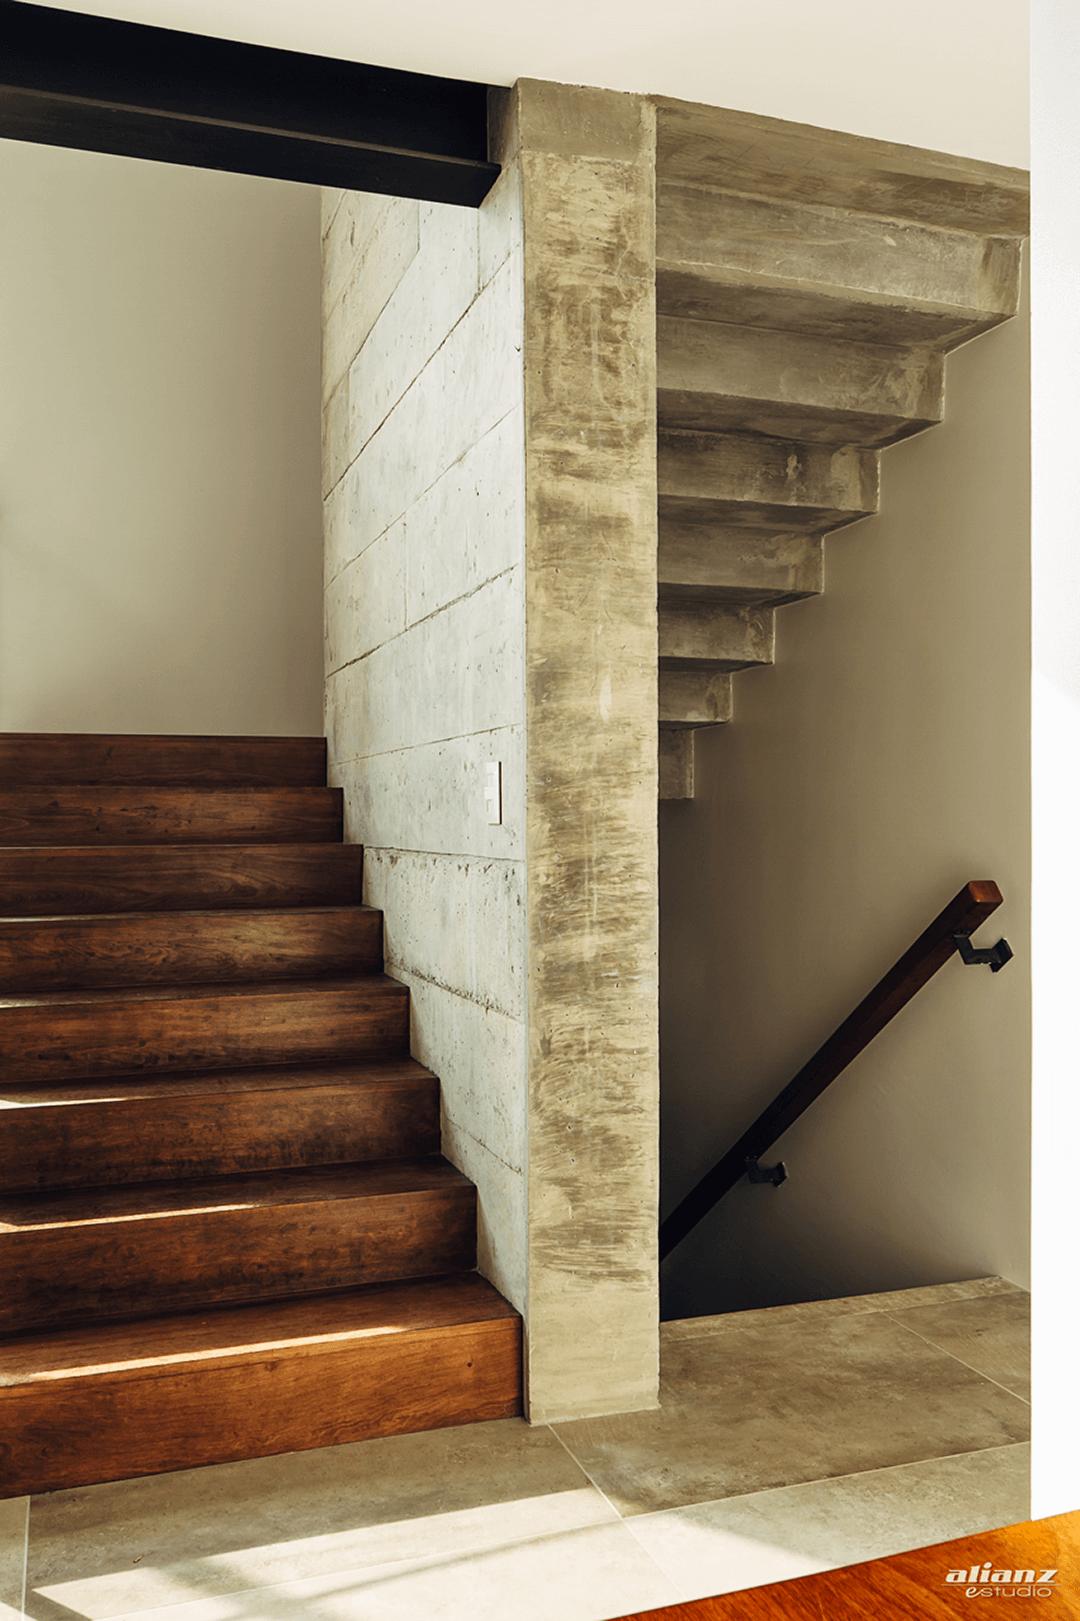 Francosta20160816–Interiores-7D-68-Edit